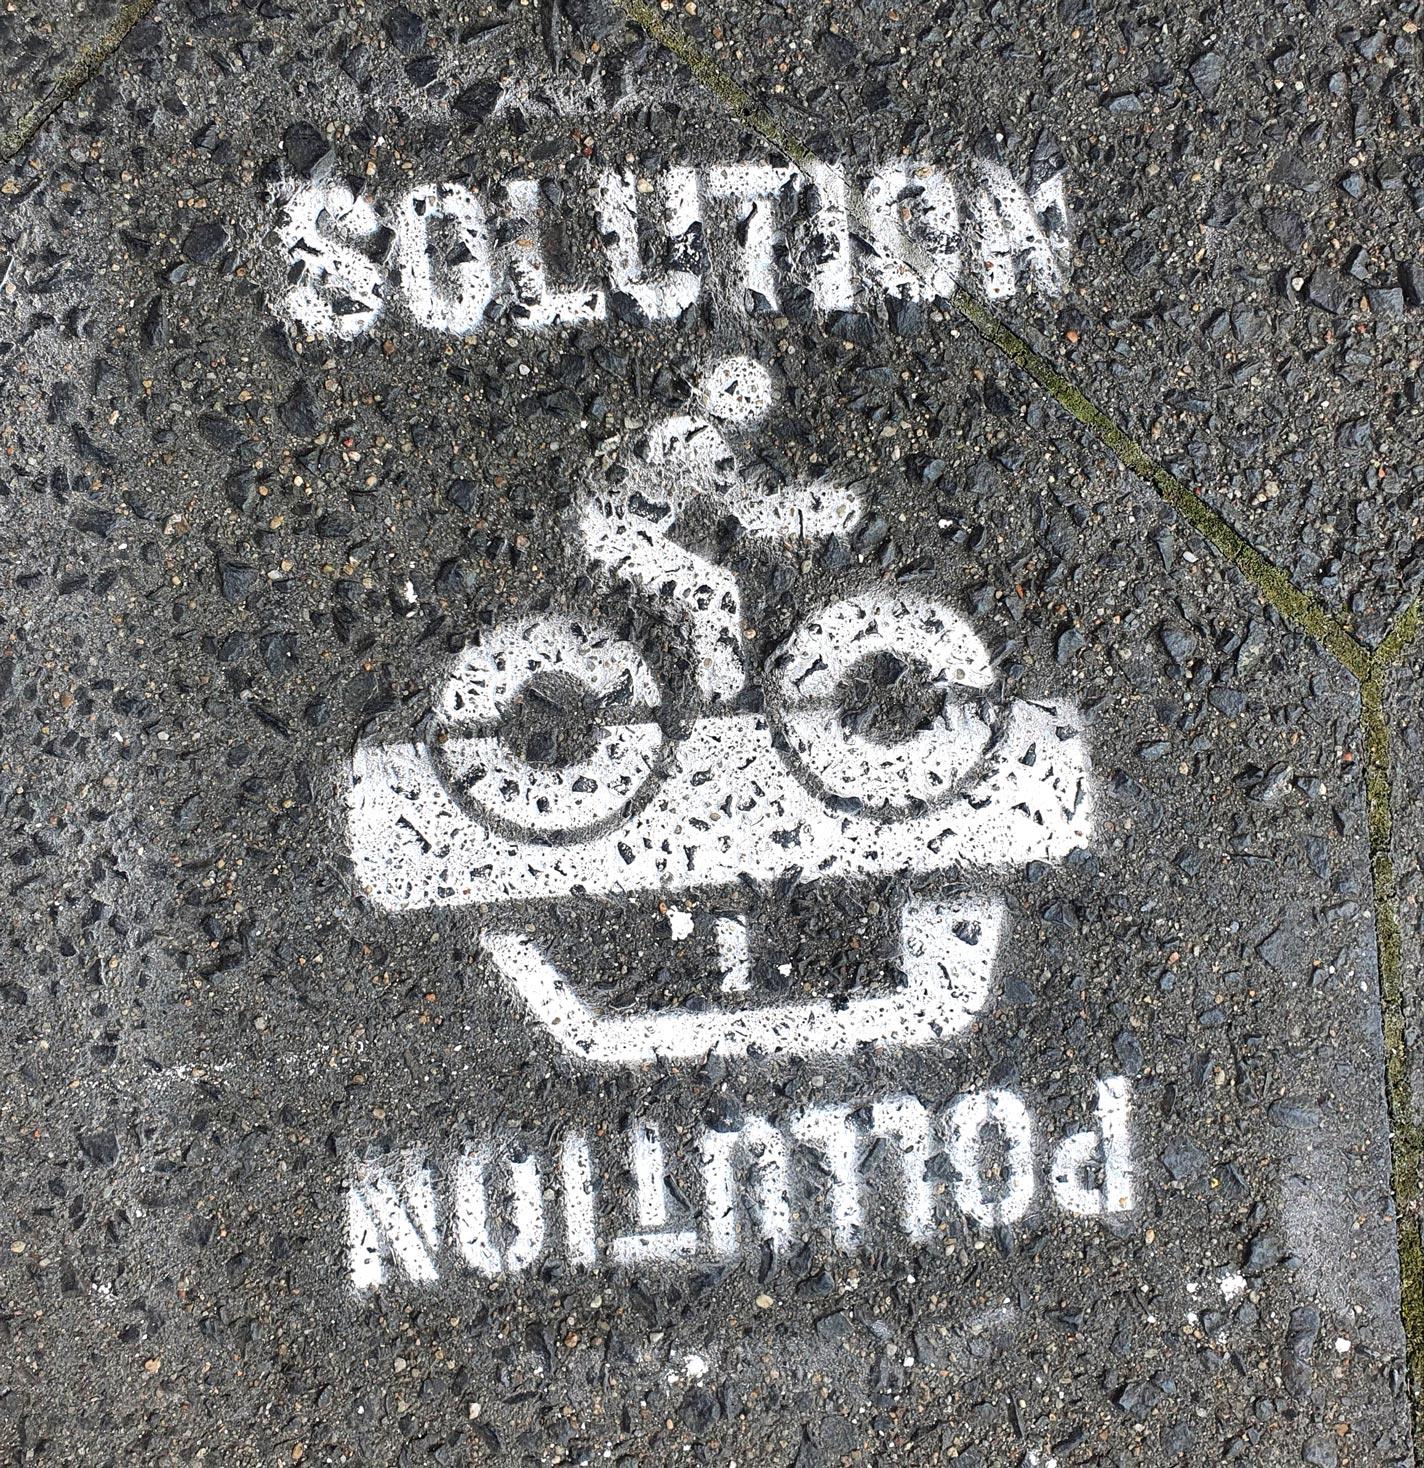 Graffiti: Pollution automobile: Solution/pollution